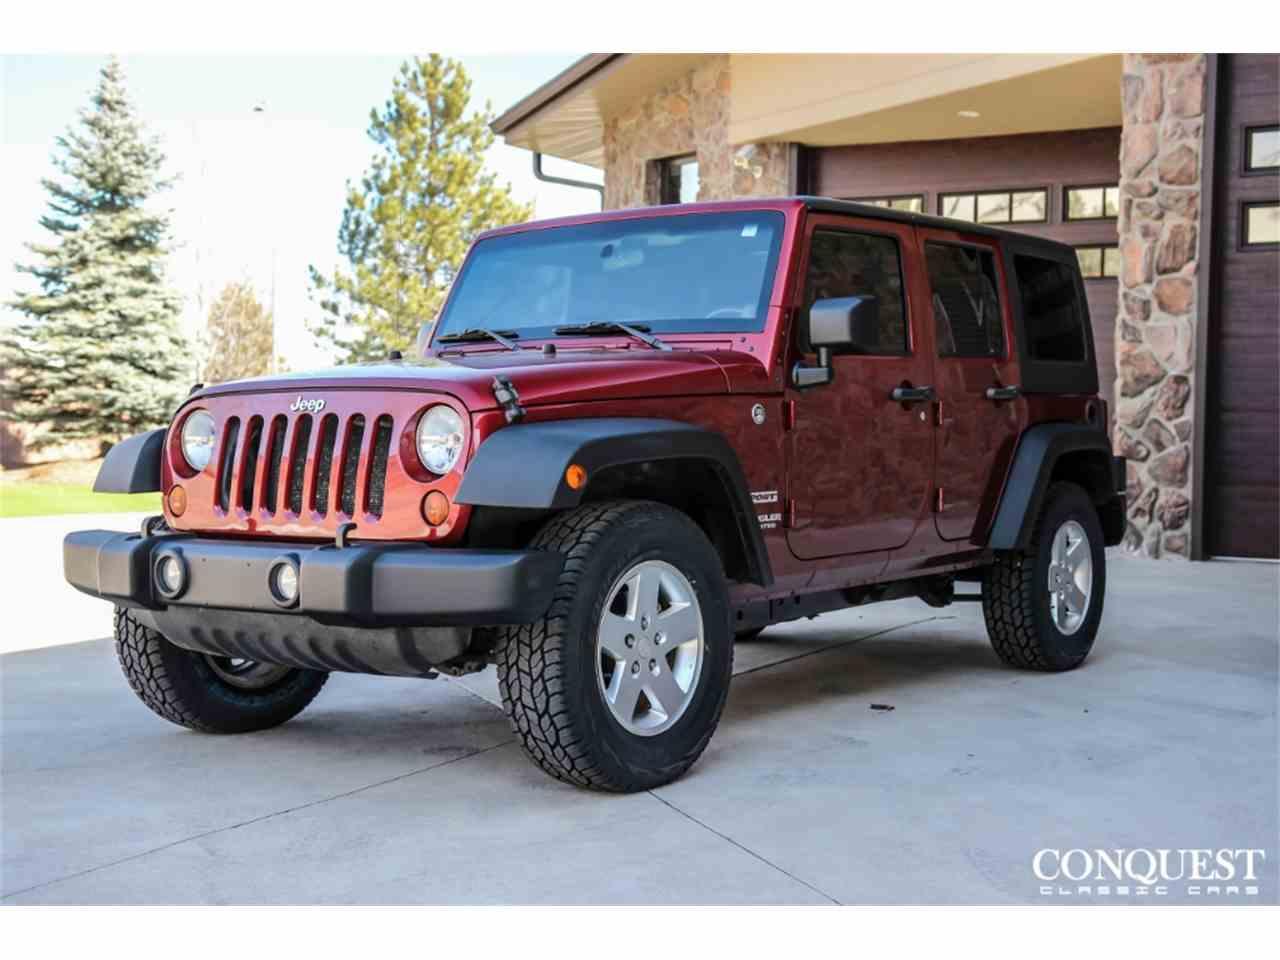 2011 Jeep Wrangler for Sale | ClassicCars.com | CC-1075149